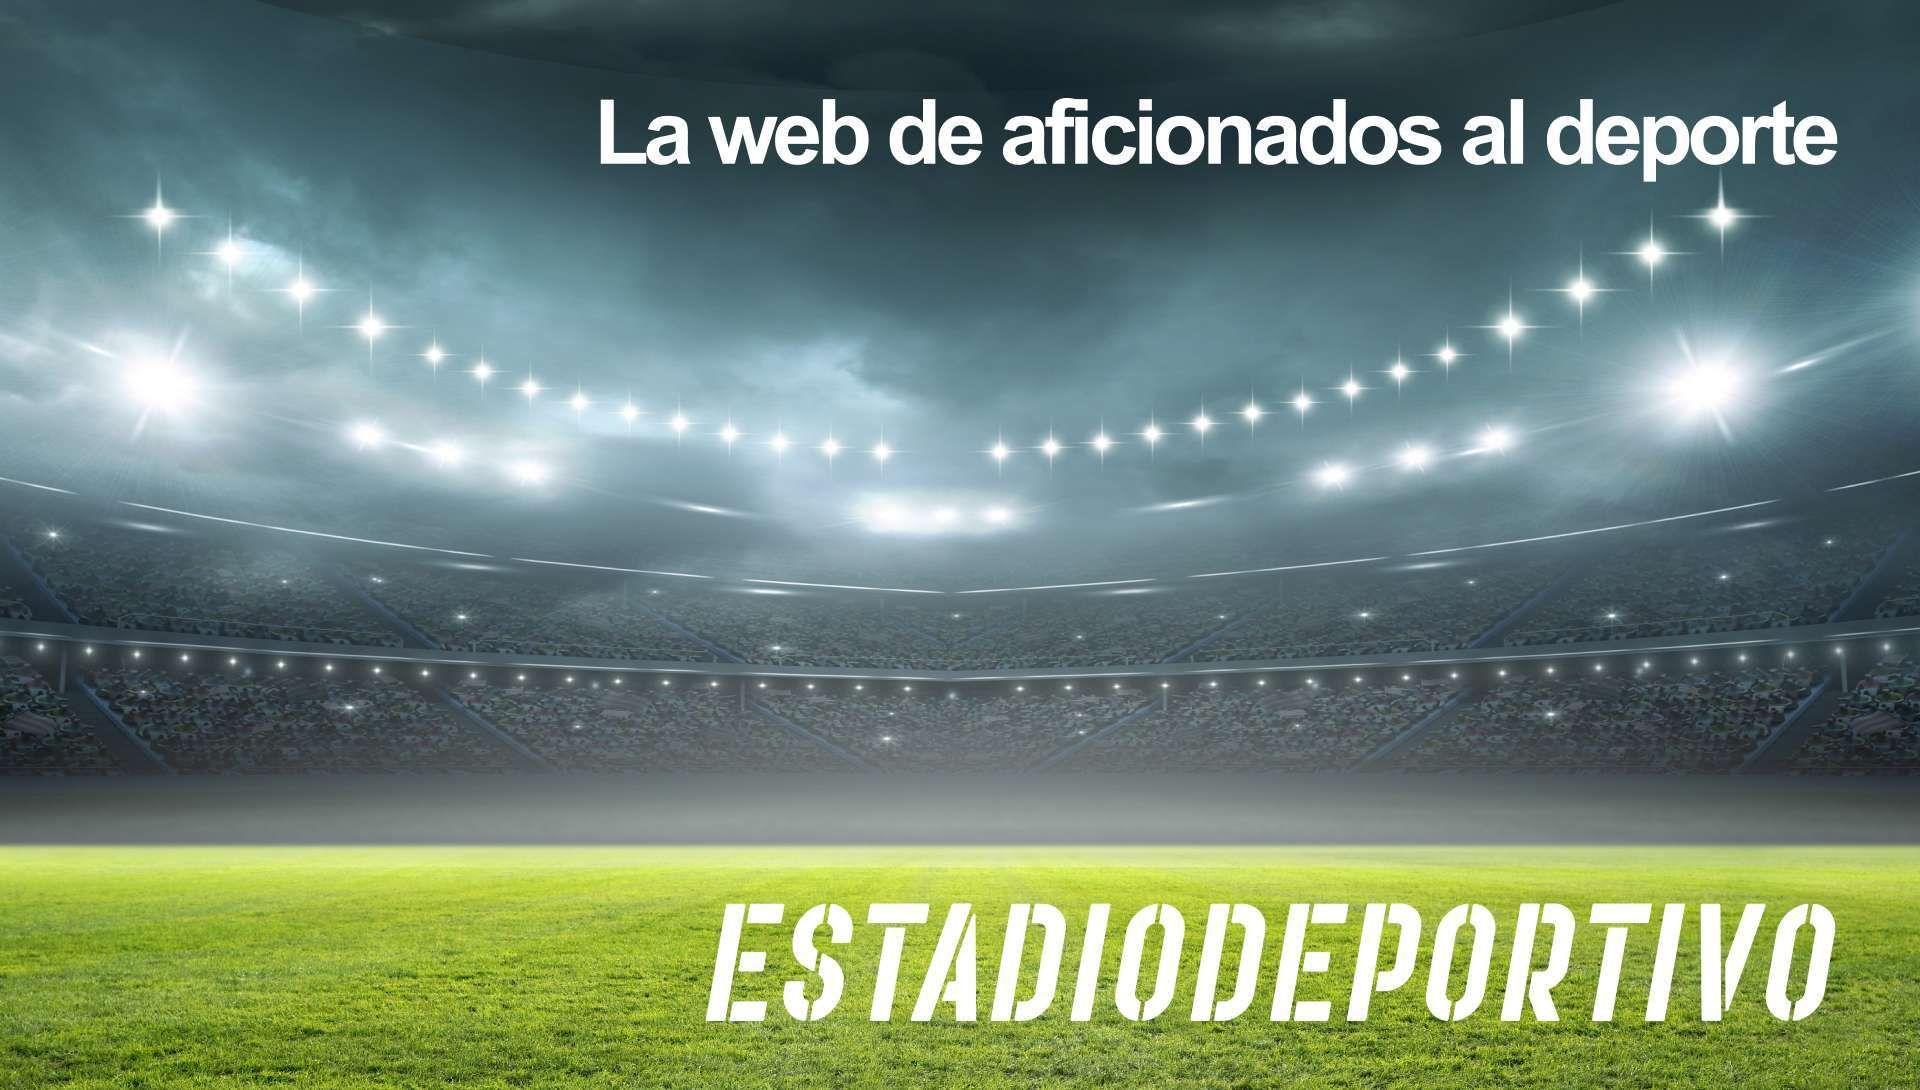 Los fichajes a coste cero en el Real Betis: más luces que sombras